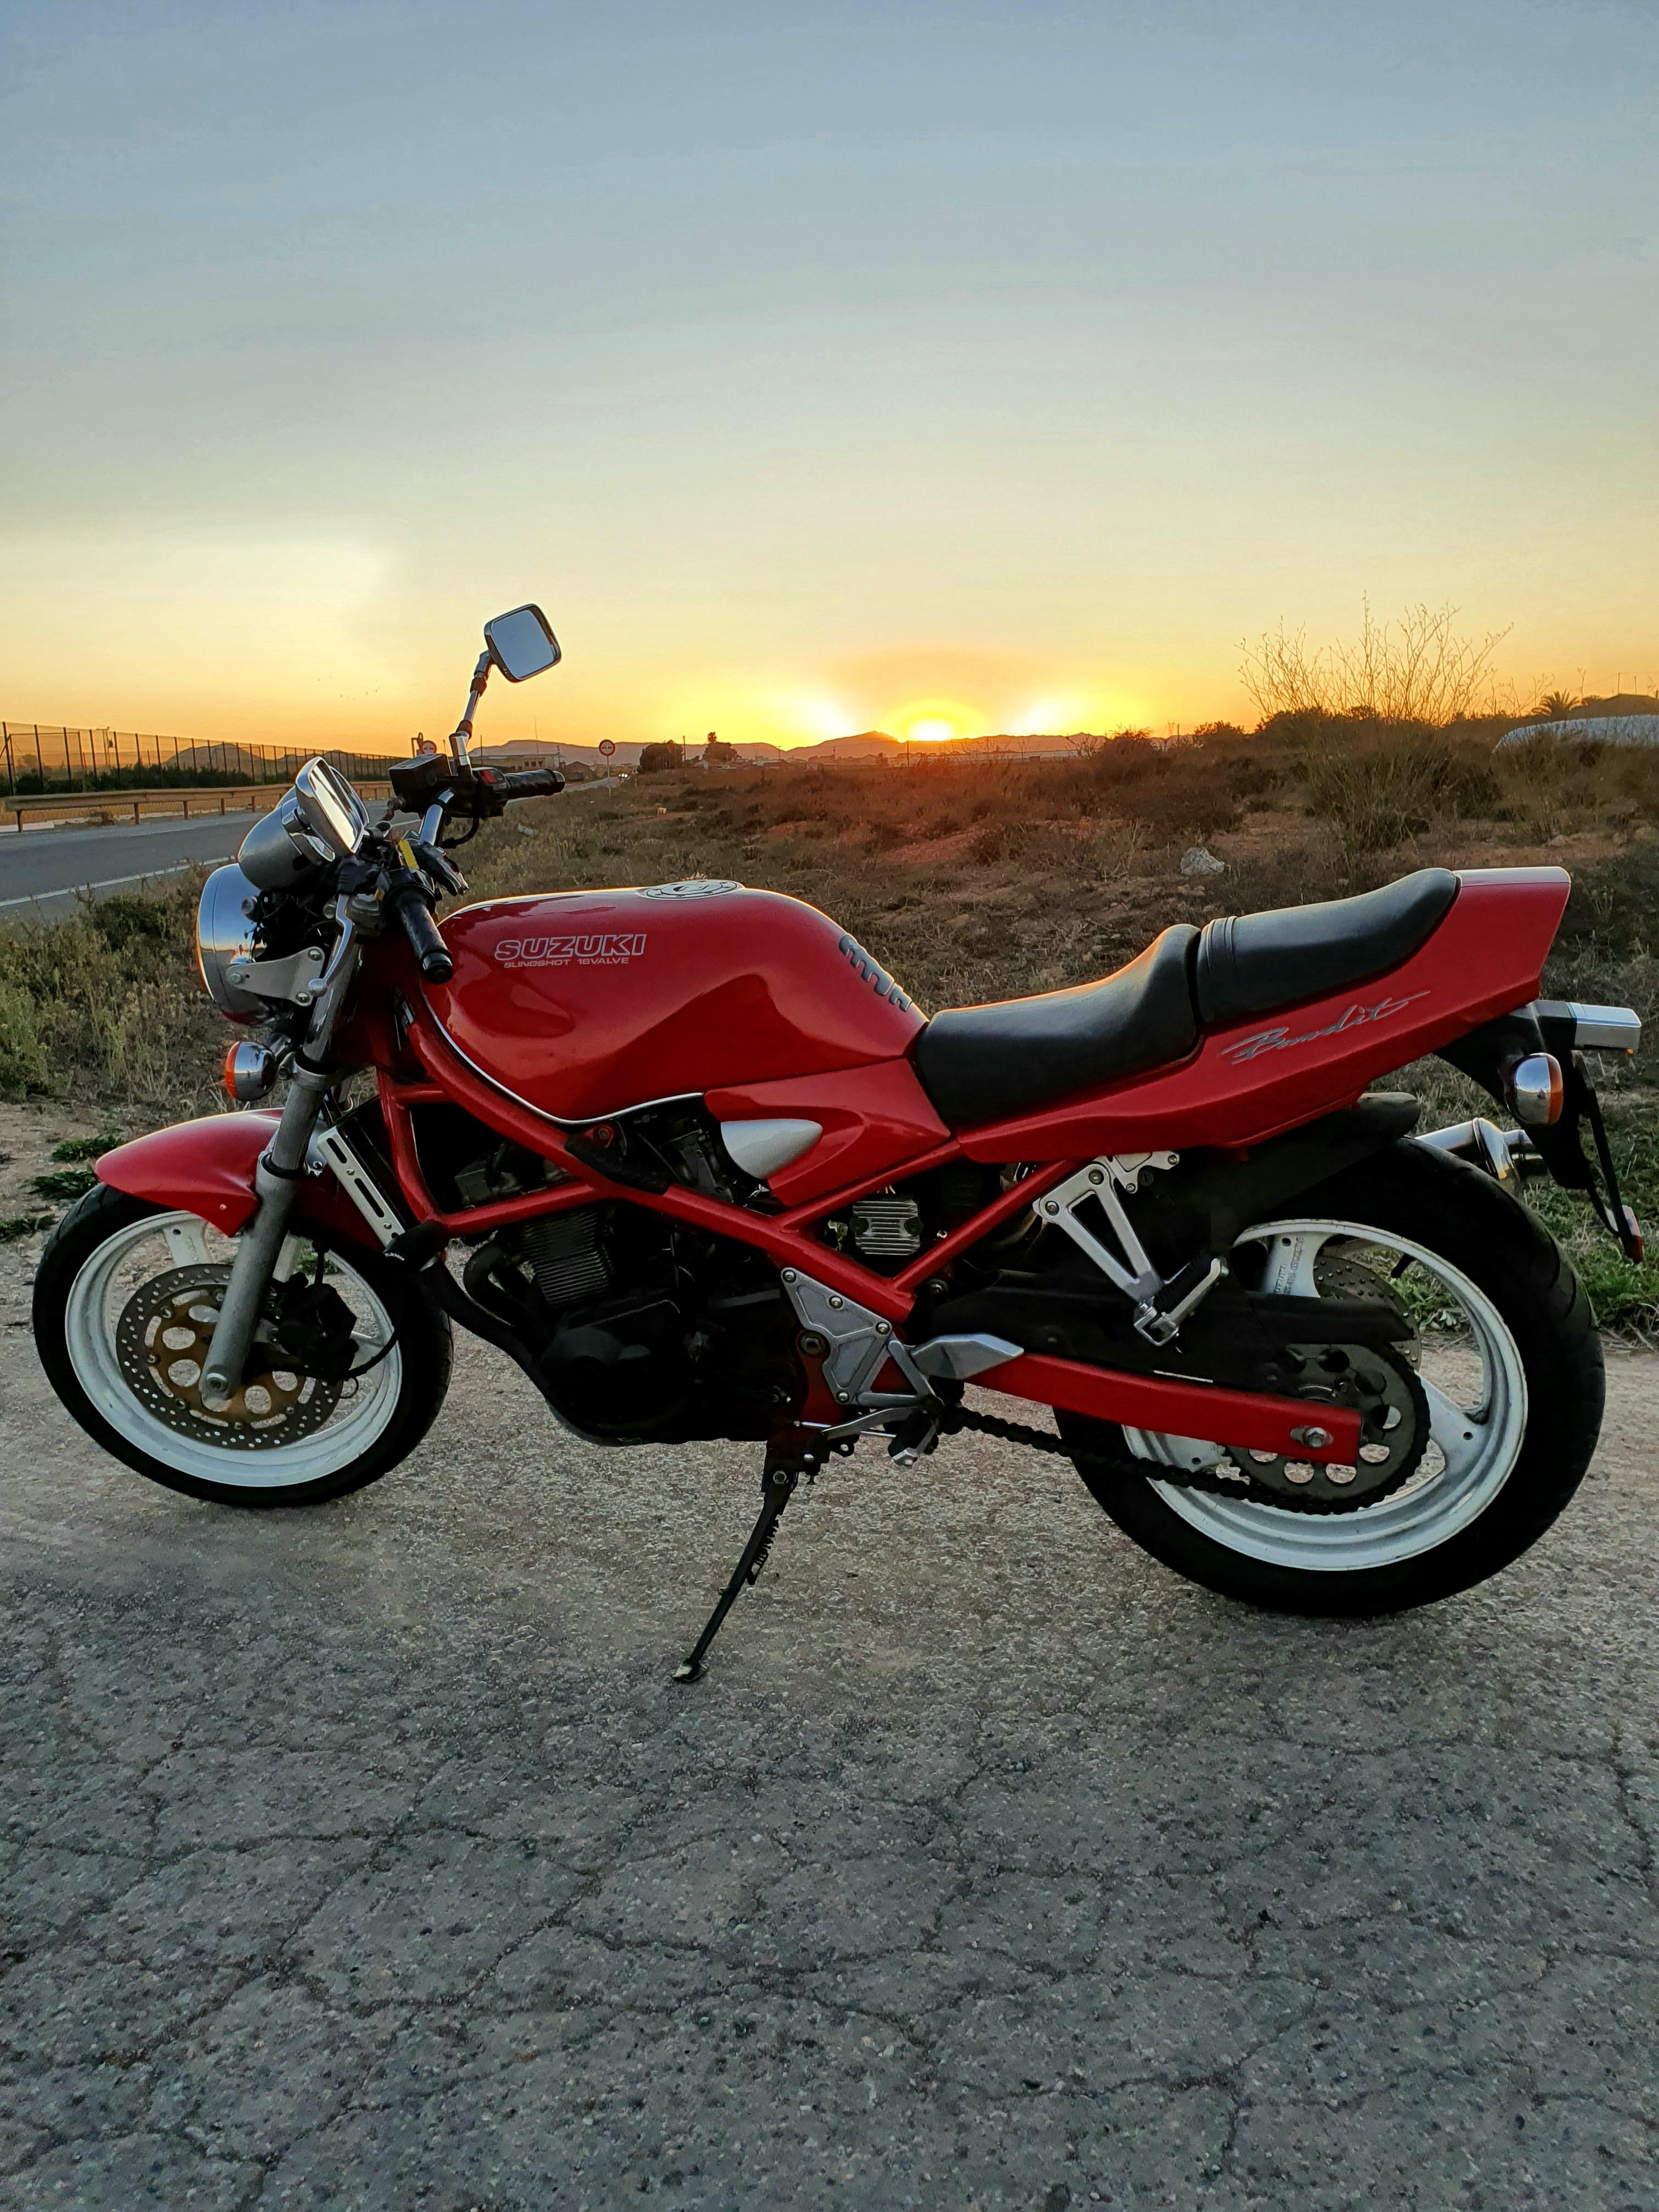 Bandit roja en Los Alcázares, la zona del Mar Menor - Página 4 20201230-181341